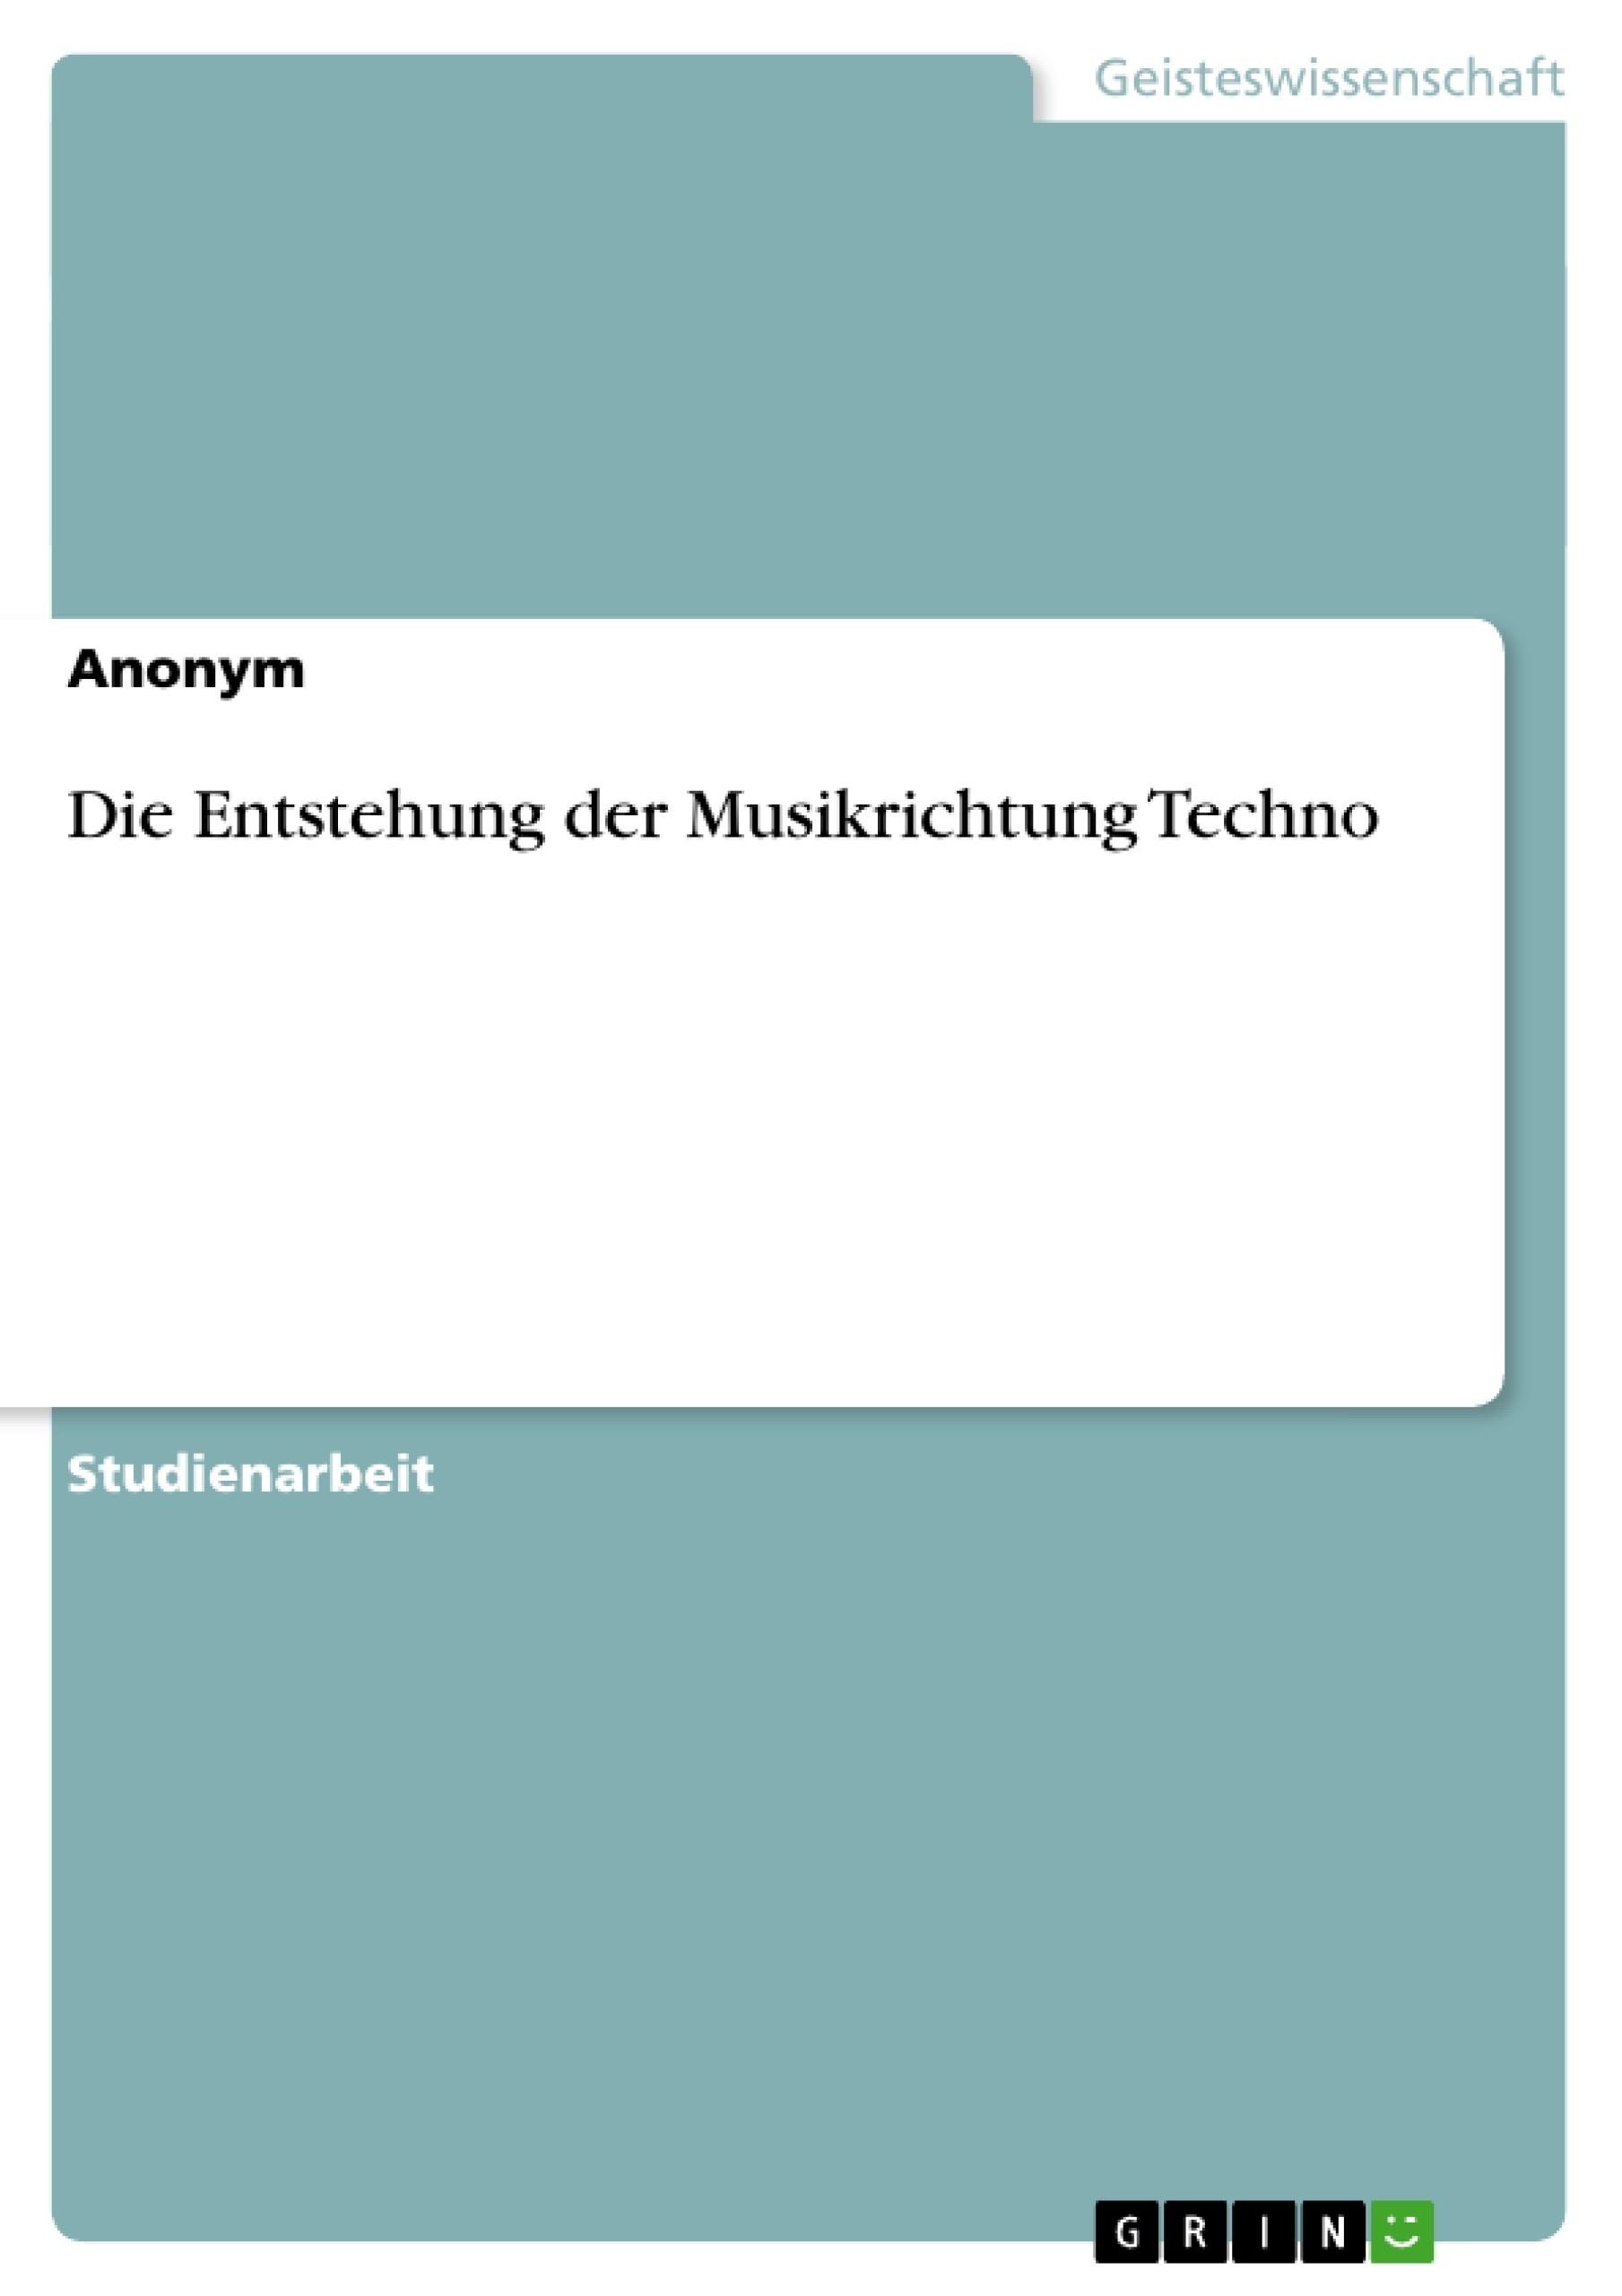 Titel: Die Entstehung der Musikrichtung Techno